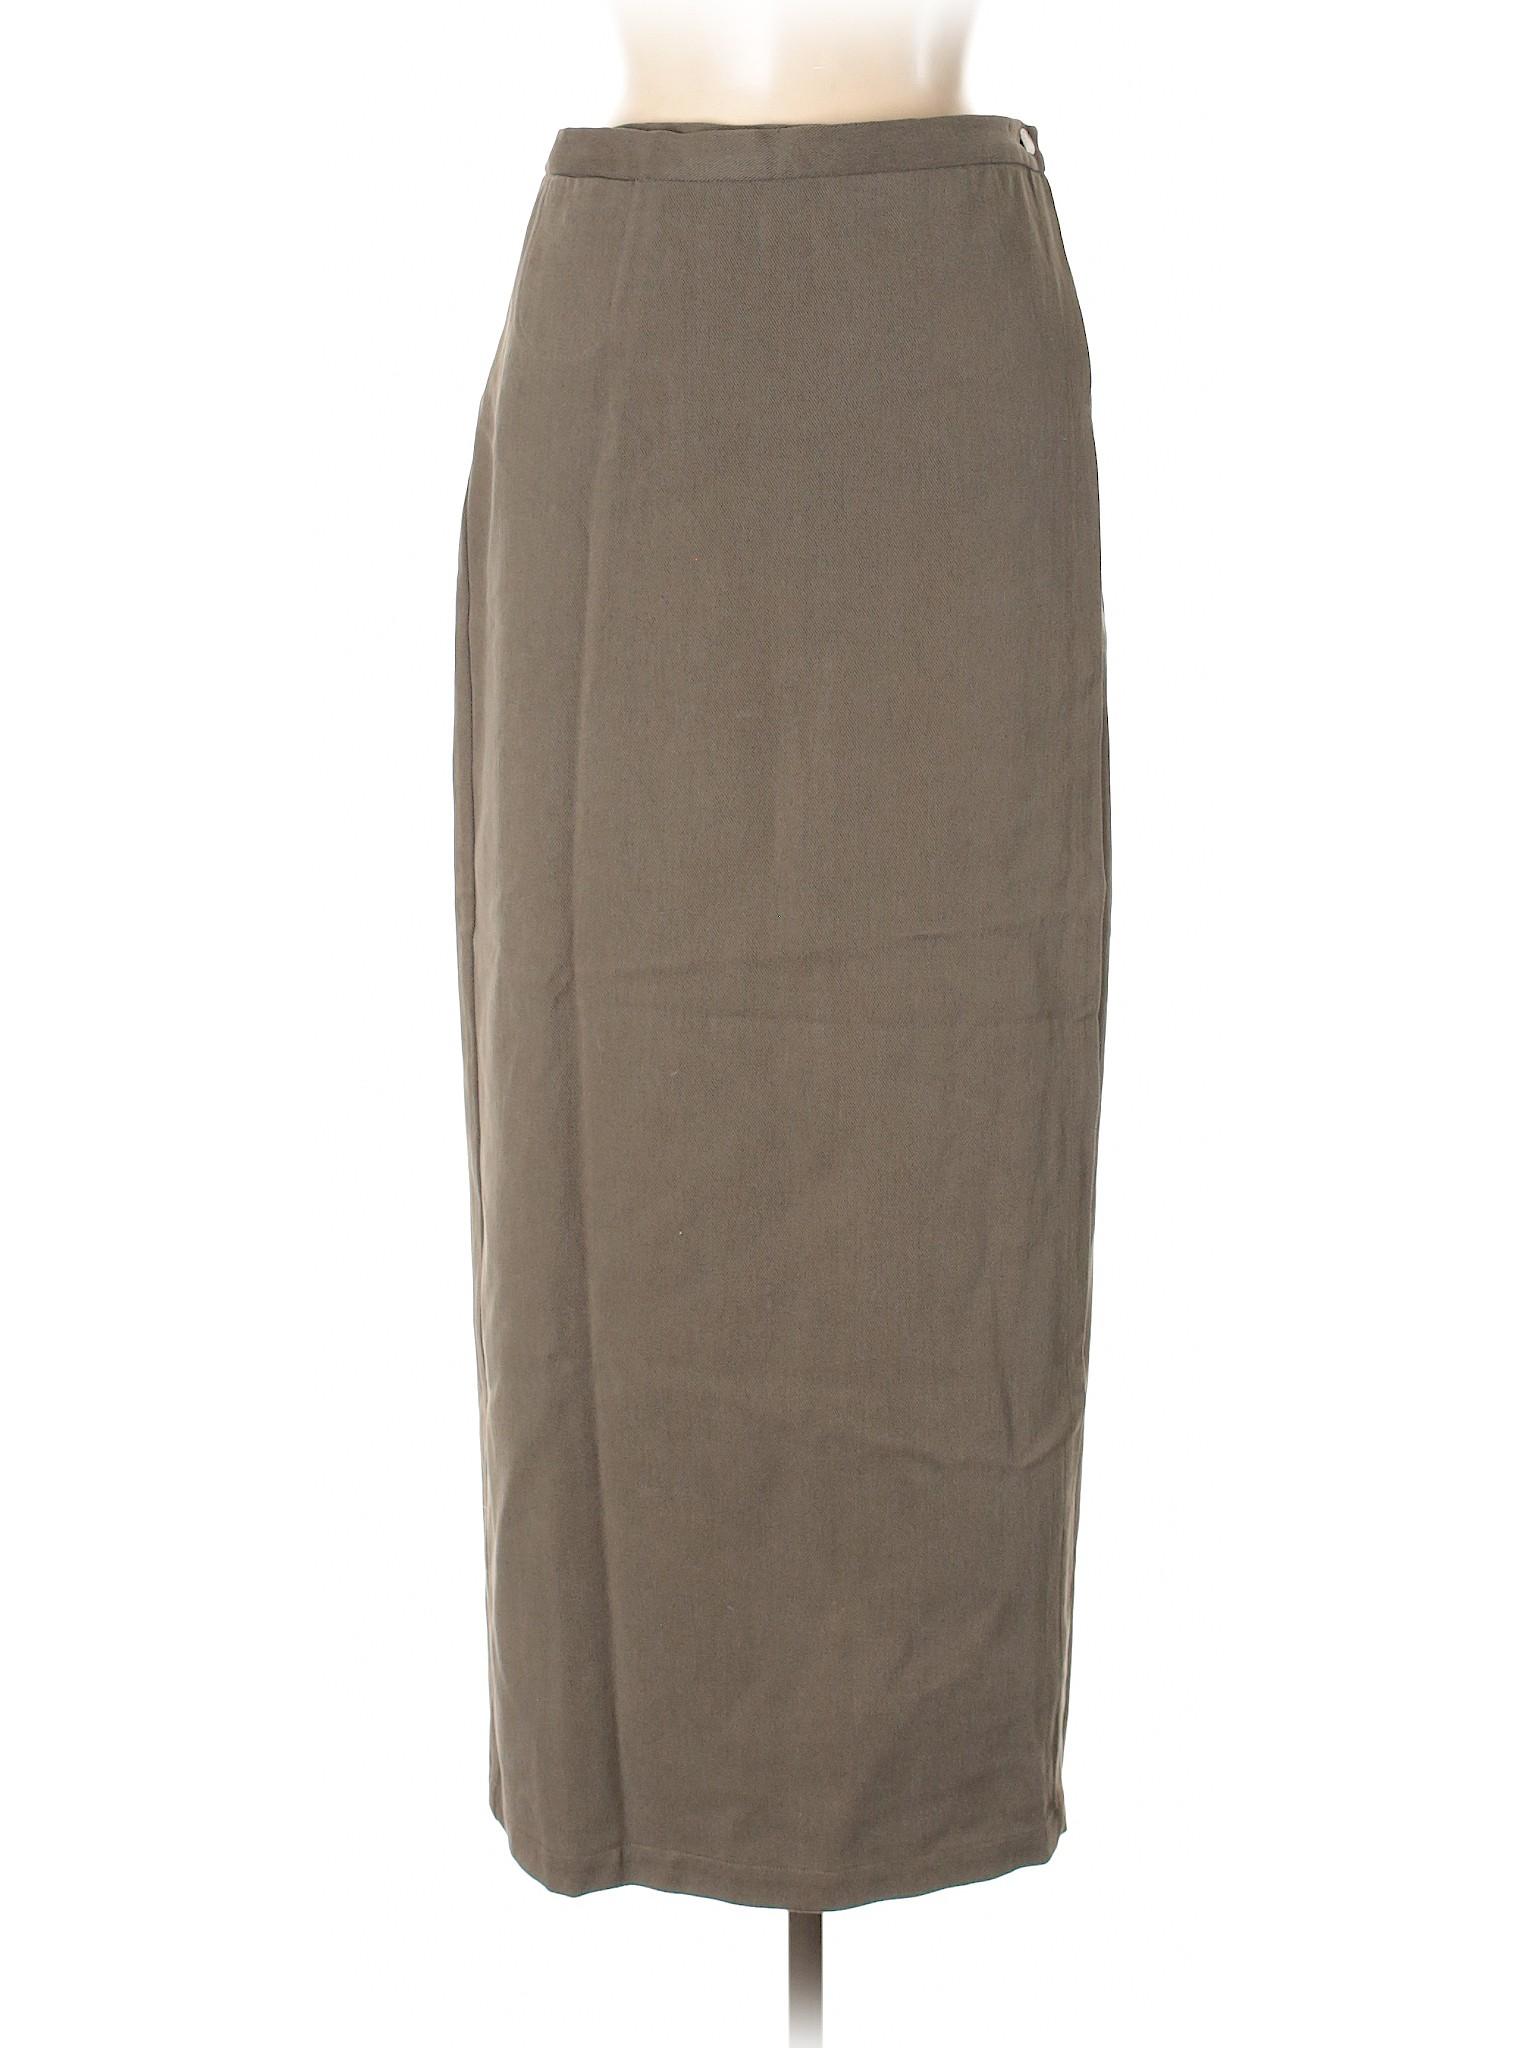 Boutique leisure Skirt Eileen Fisher Casual wIIrxBqd